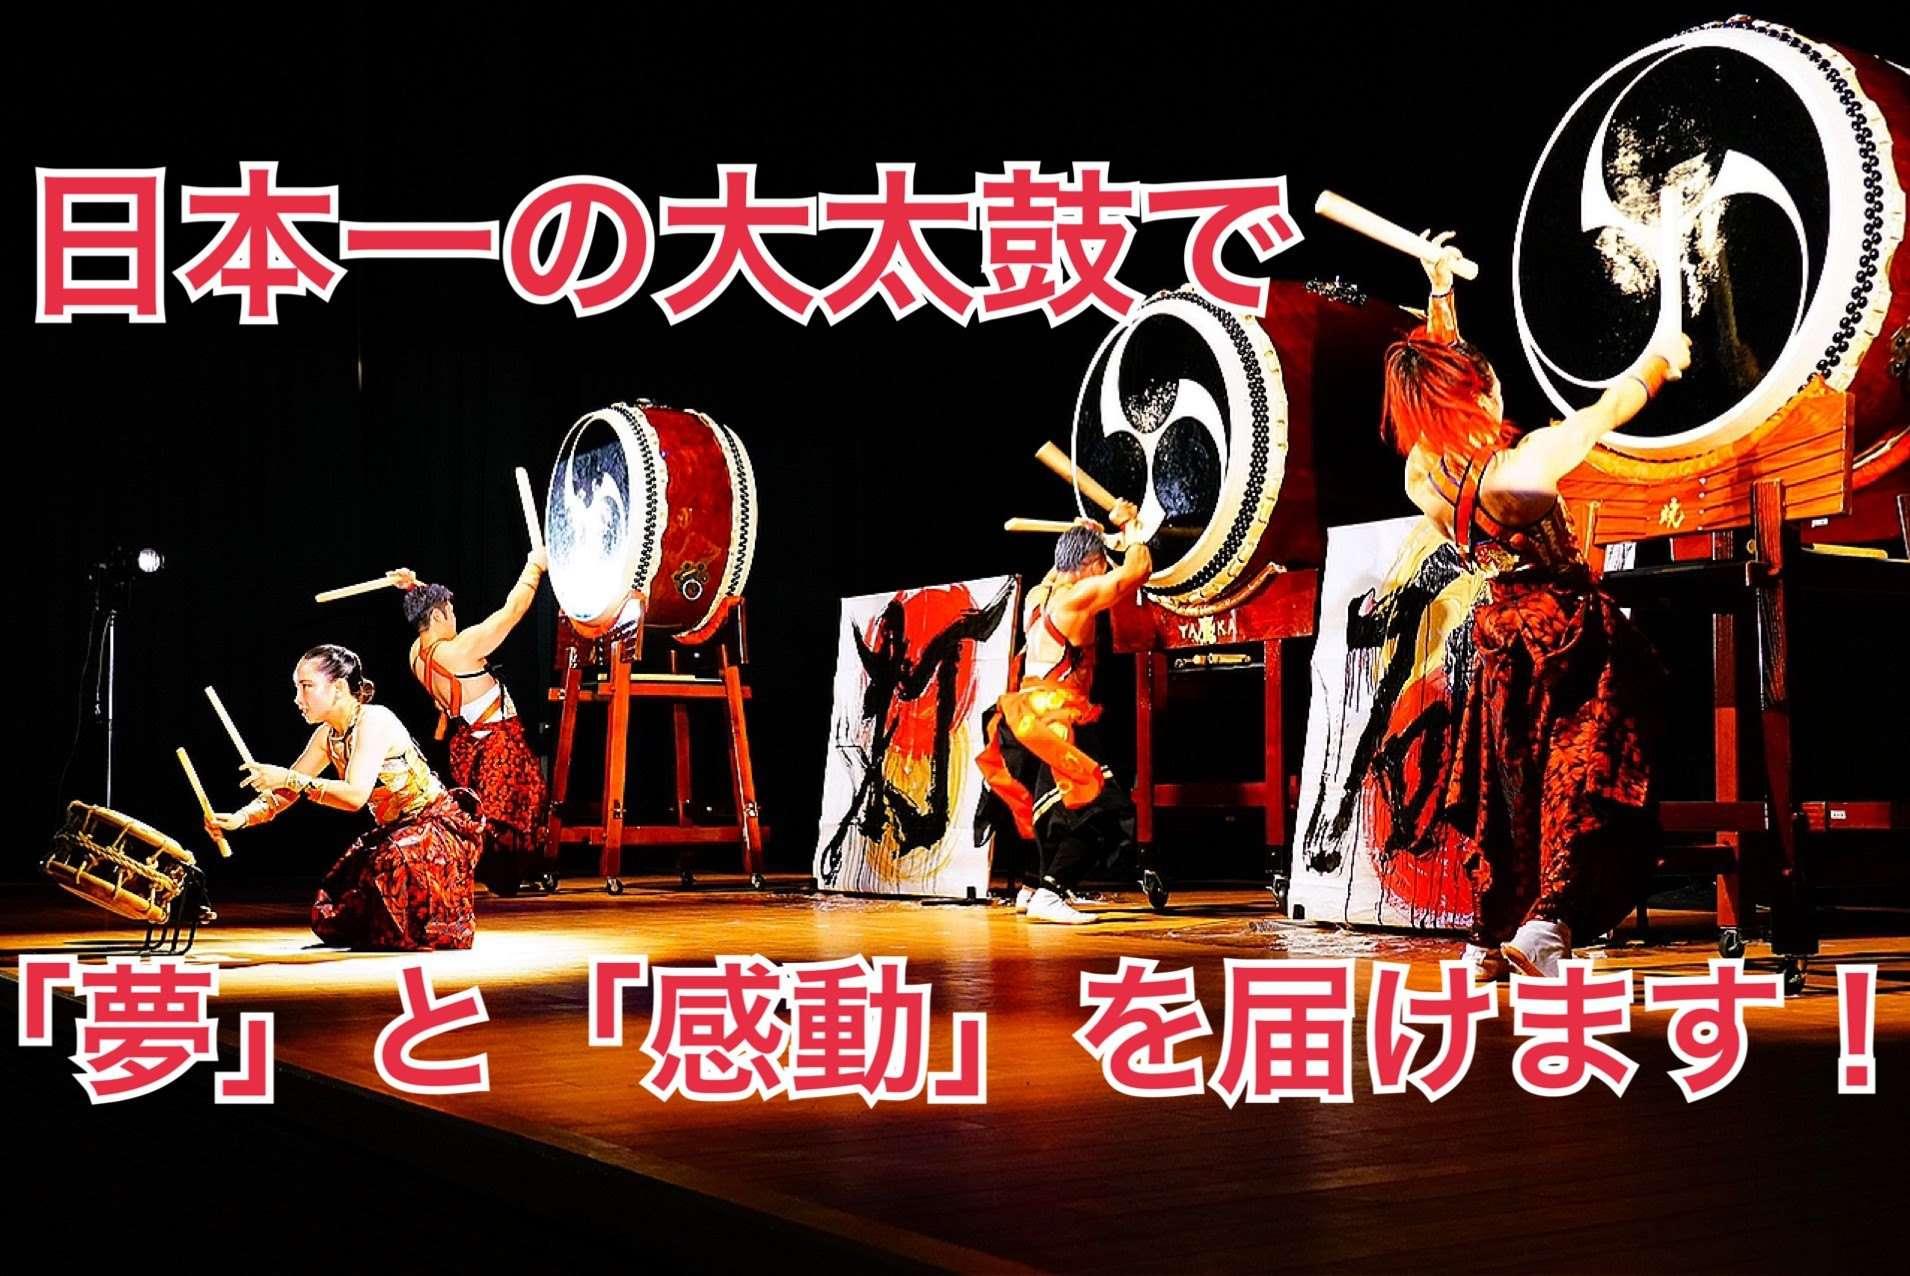 和太鼓の学校芸術鑑賞教室は日本一の和太鼓暁へ!